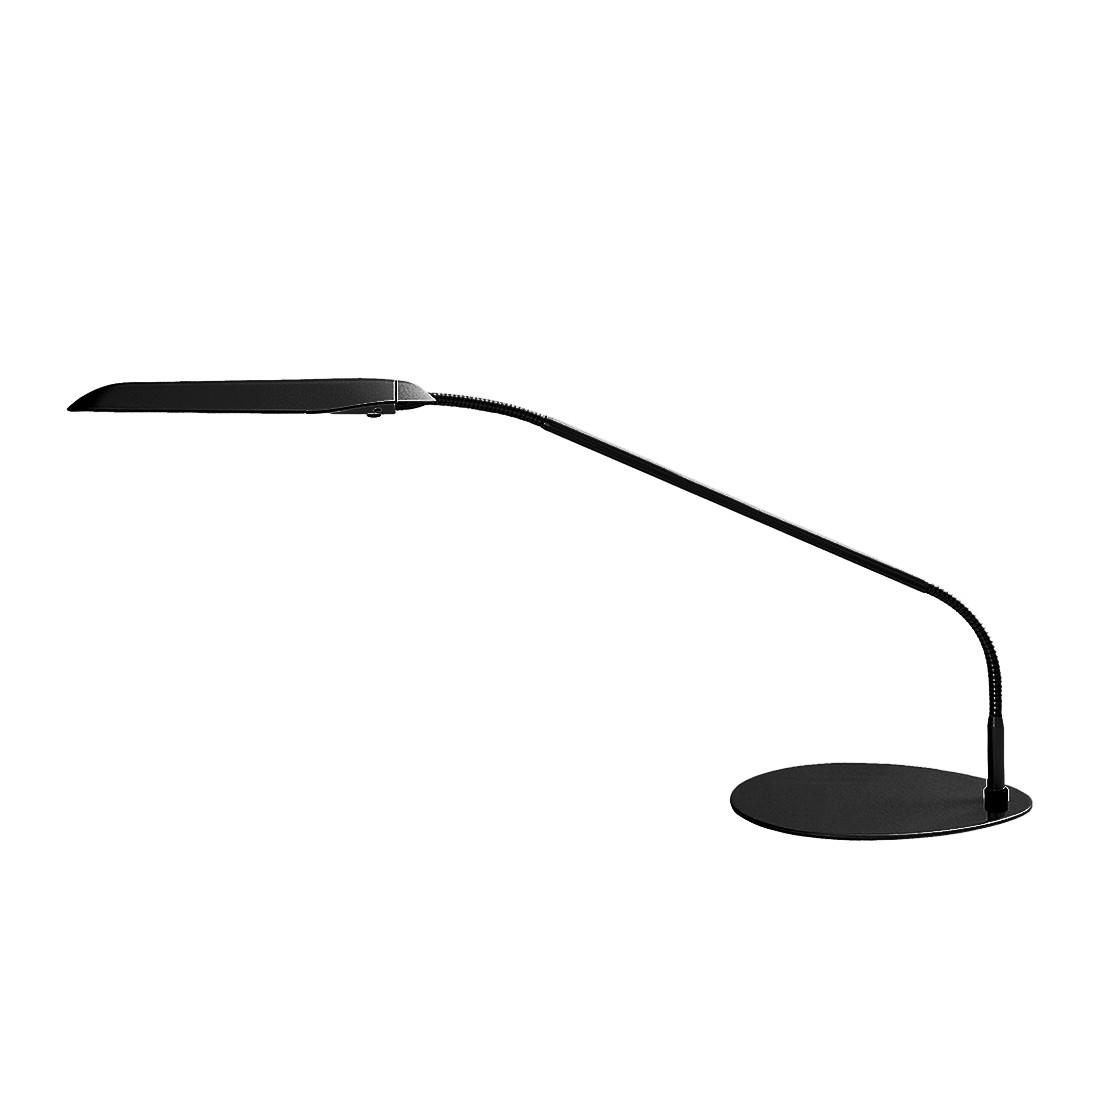 Tischleuchte IS 2A ● Metall/Kunststoff ● Schwarz ● 1-flammig- Blanke Design A